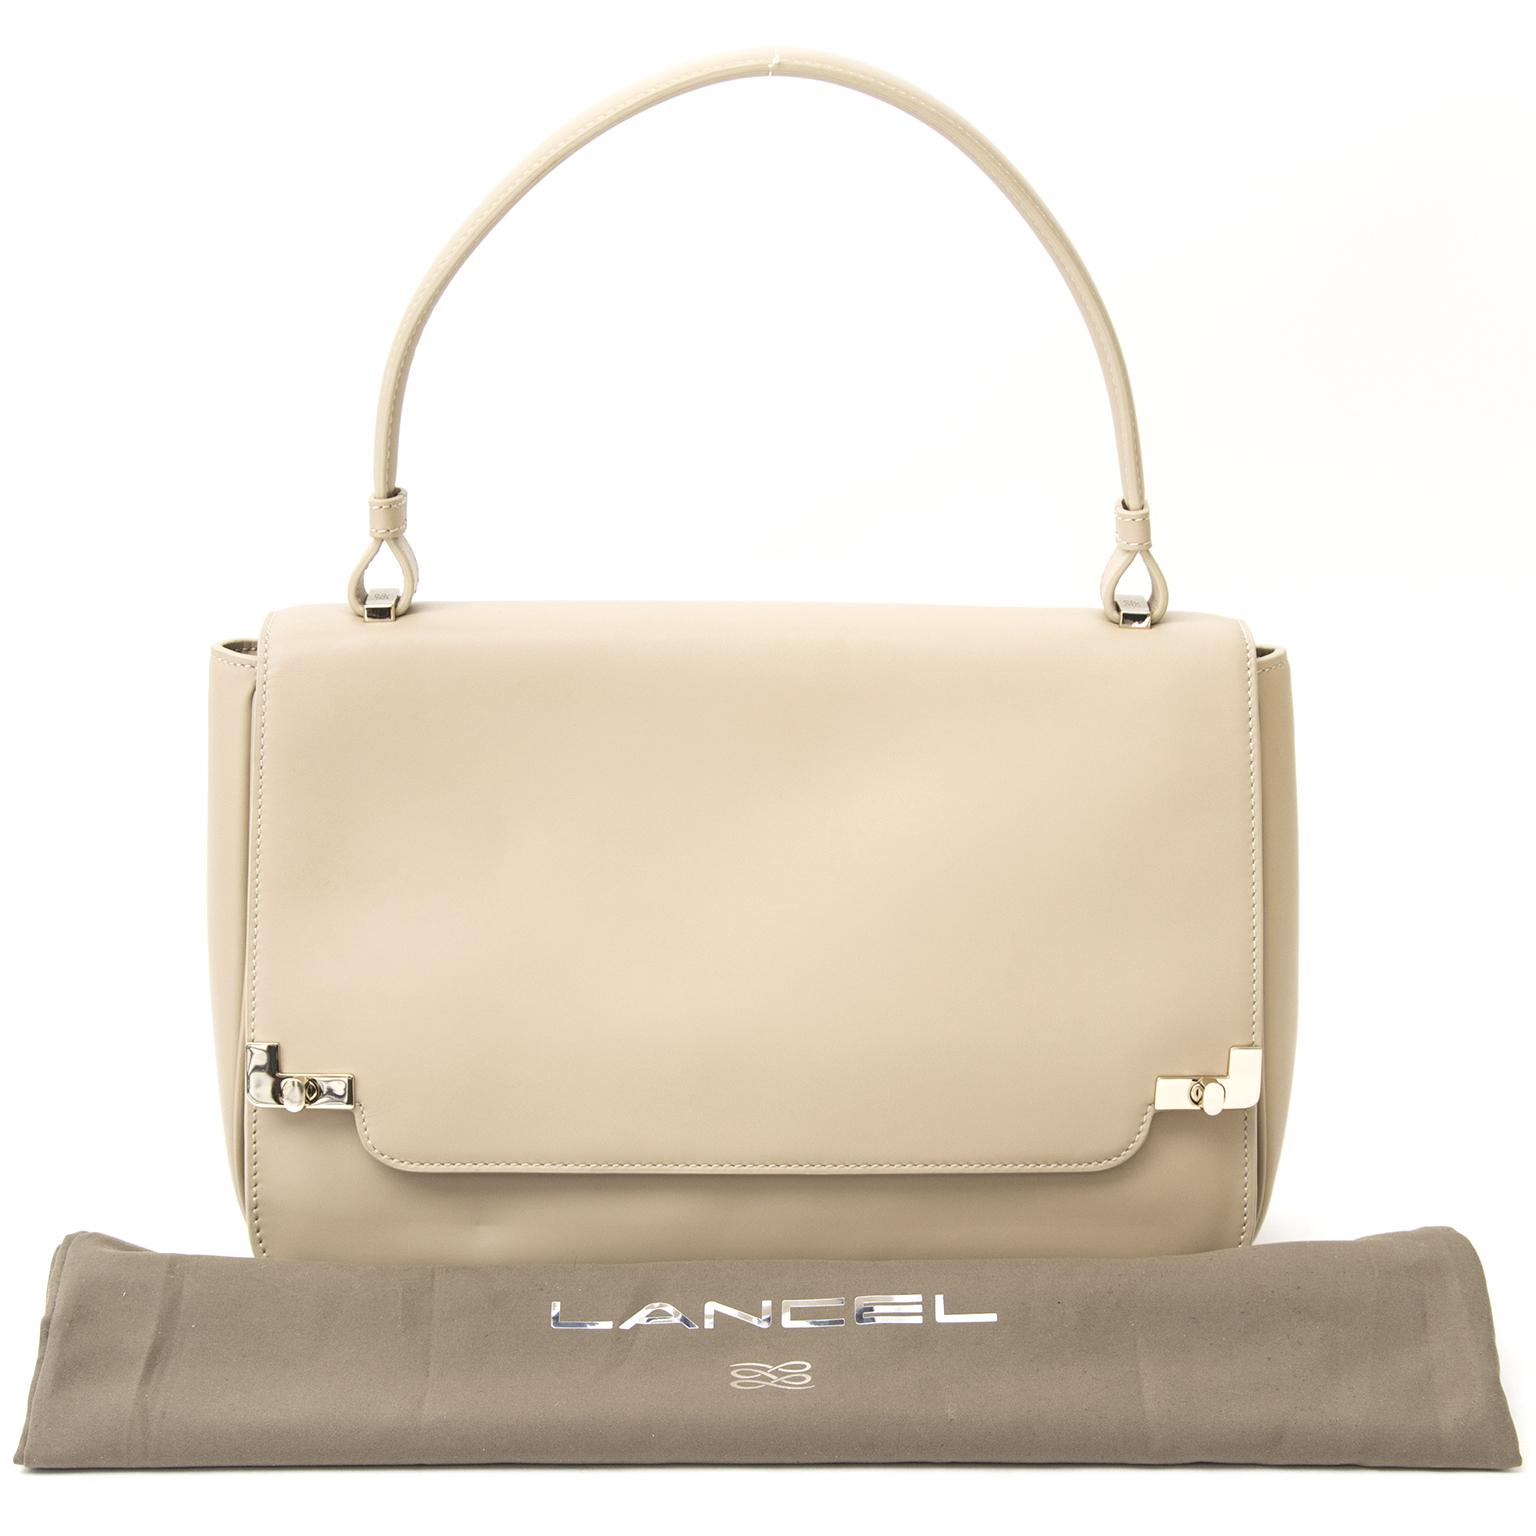 1001a7a2b6b Labellov Buy safe Delvaux designer vintage online. Vind tweedehands ...